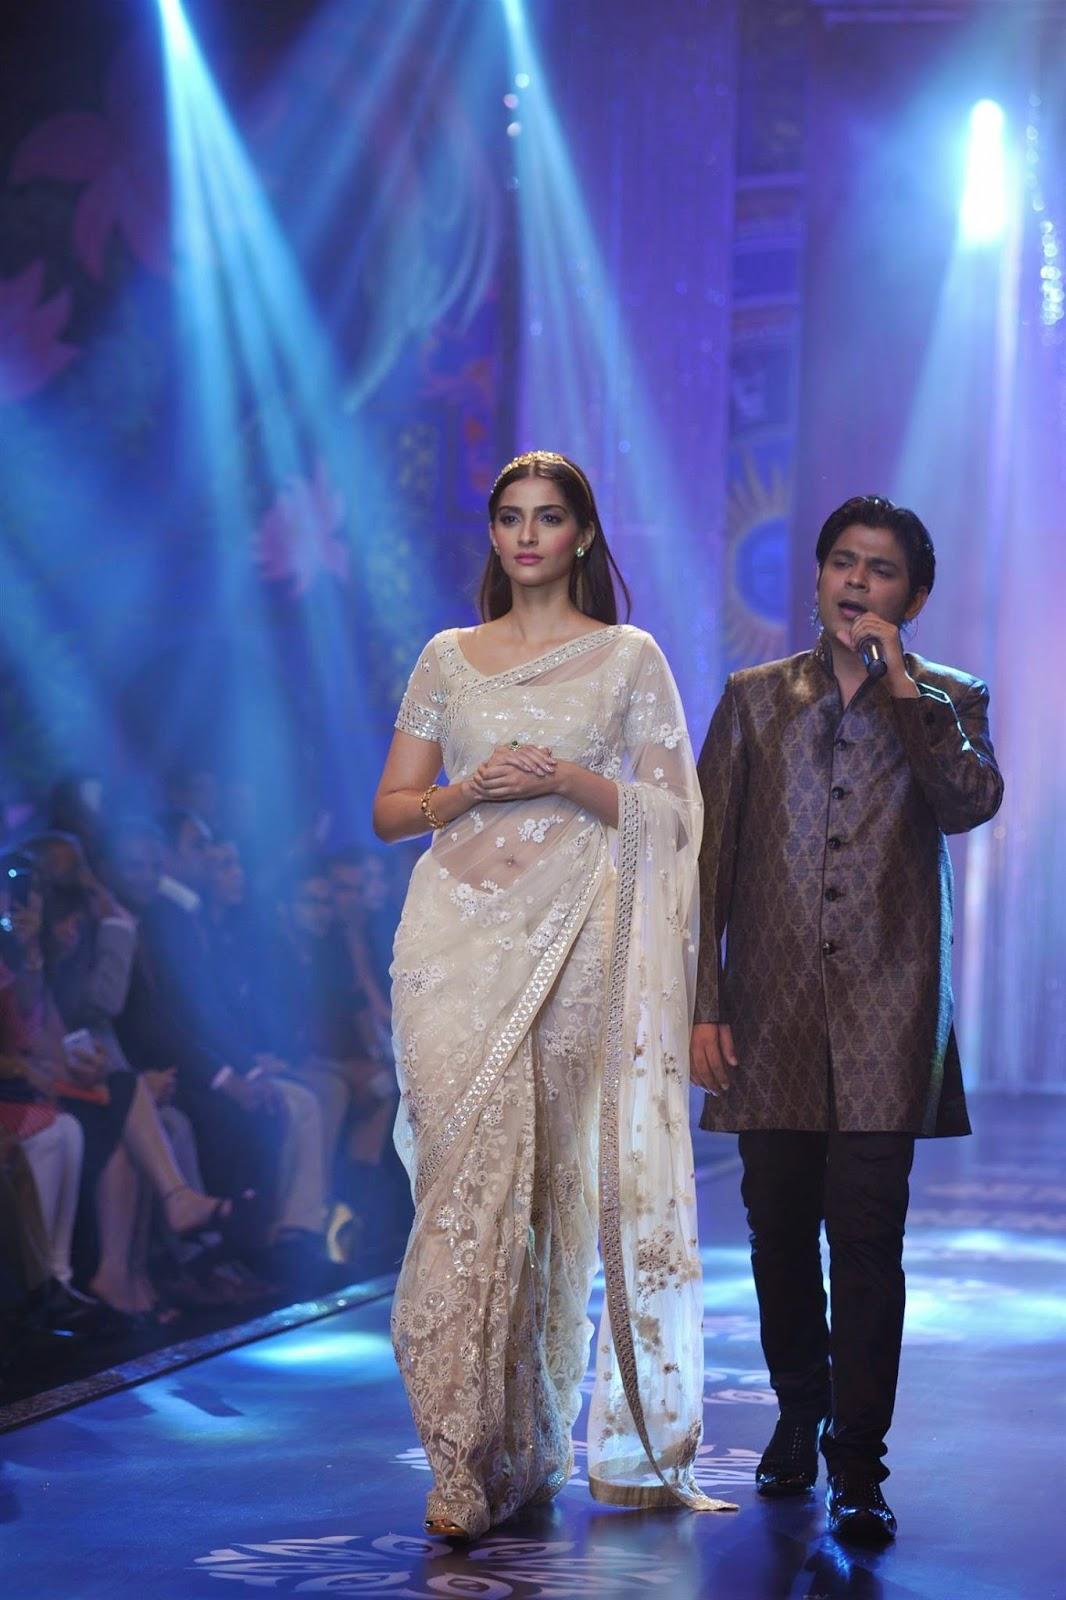 Hot Photos Sonam Kapoor In Transparent White Saree